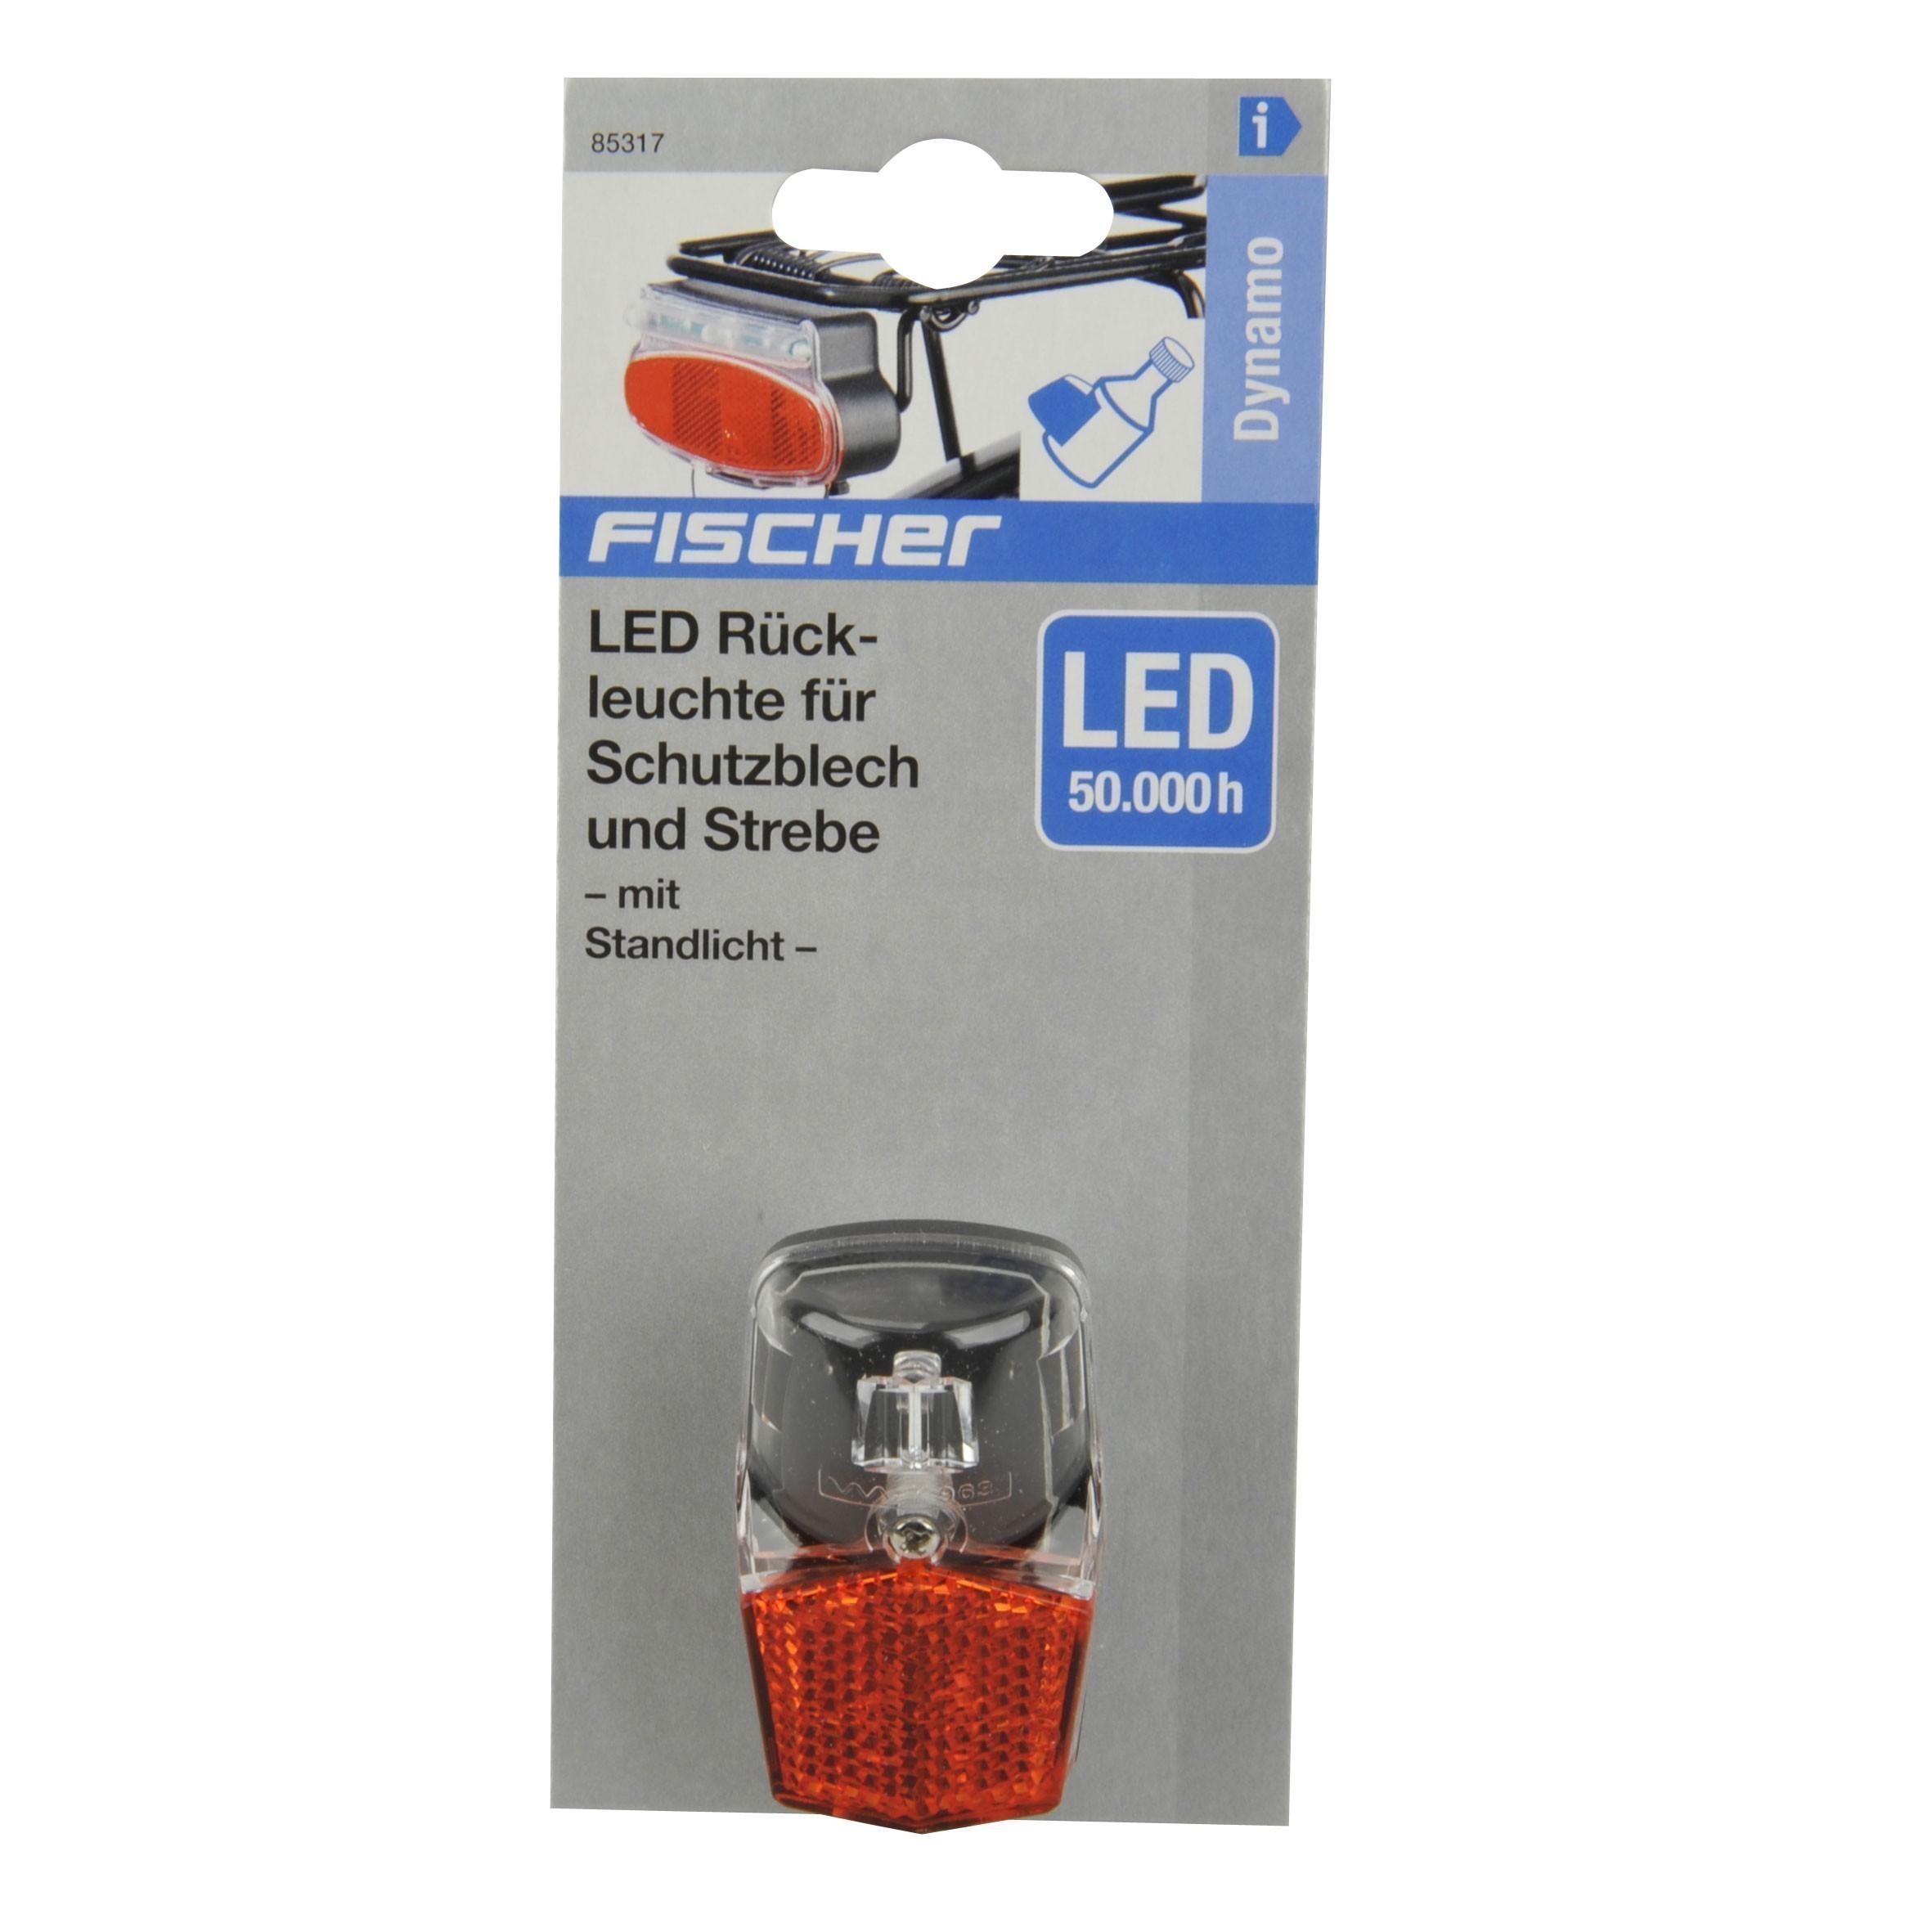 fischer fahrradbeleuchtung mit dynamo led r ckleuchtemit standlicht bei. Black Bedroom Furniture Sets. Home Design Ideas